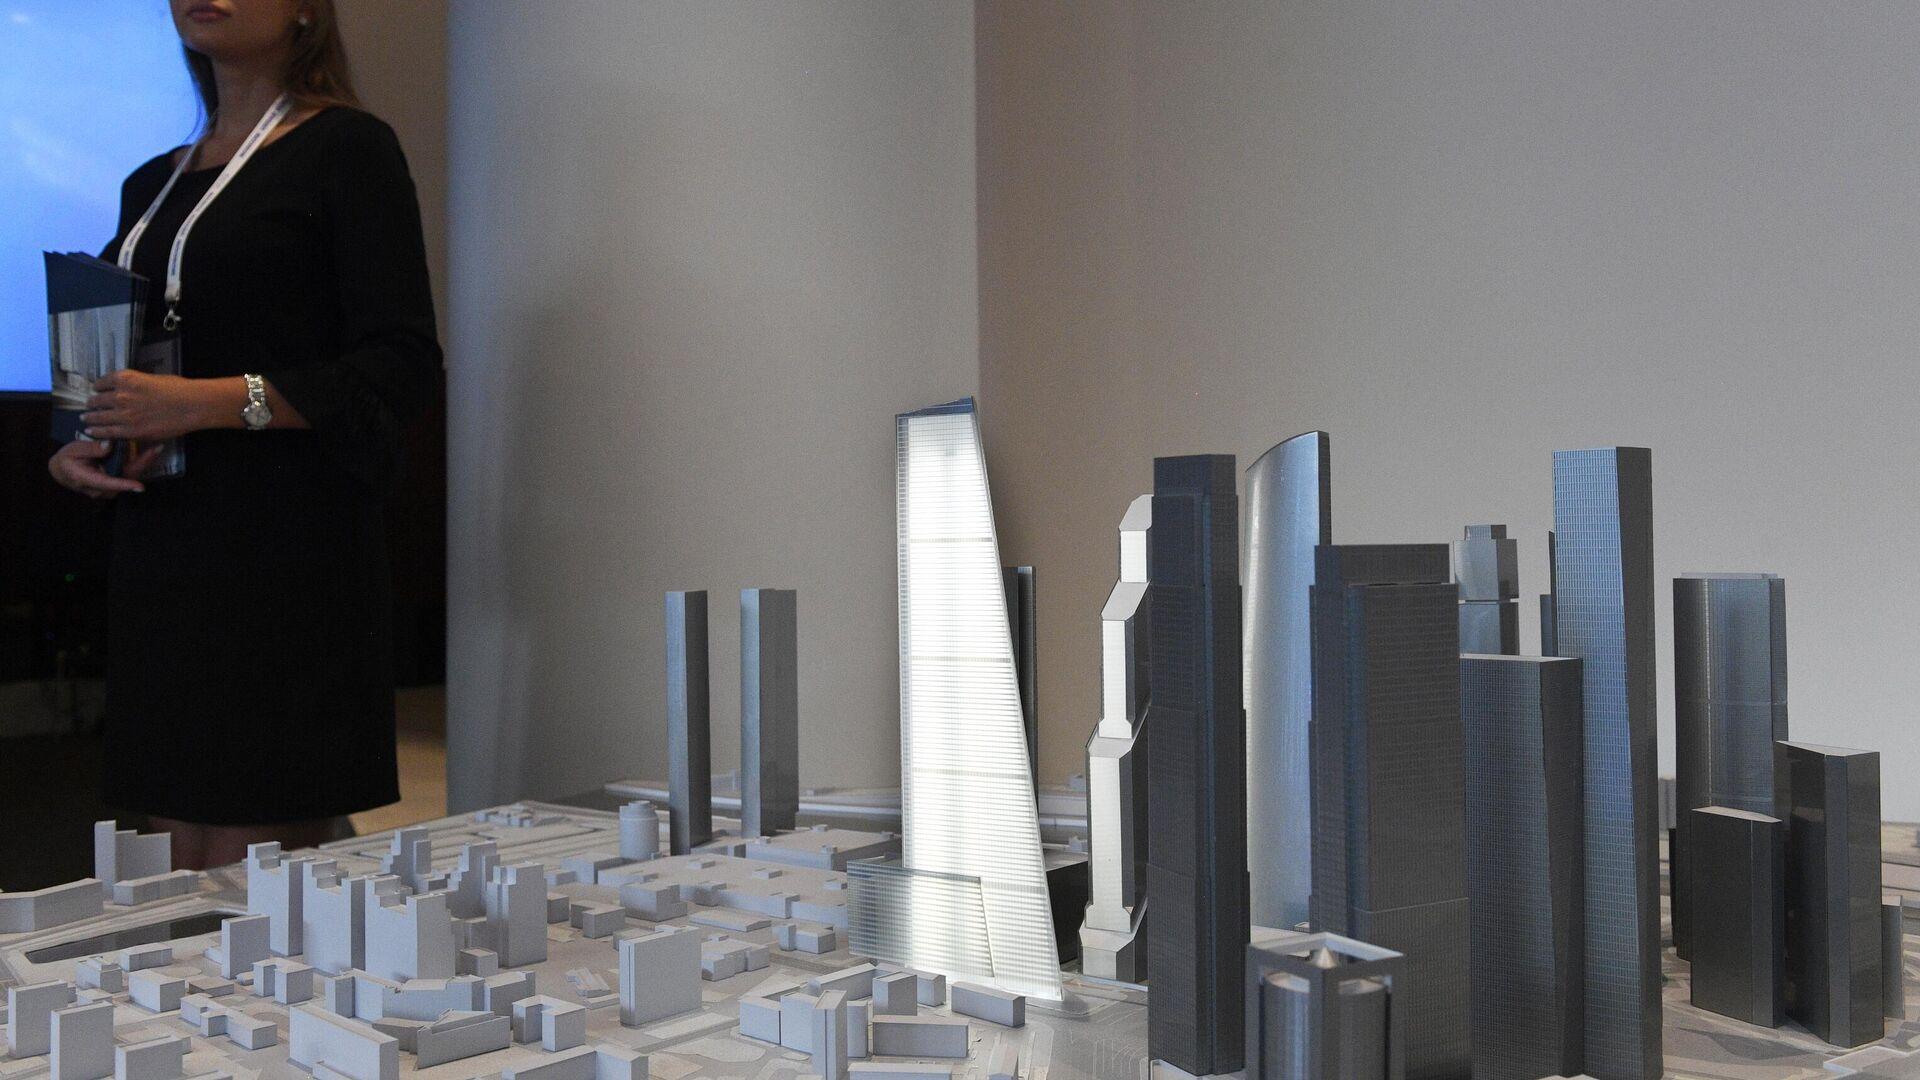 В Москве построят новый самый высокий небоскреб в Европе - РИА Новости, 1920, 22.09.2021